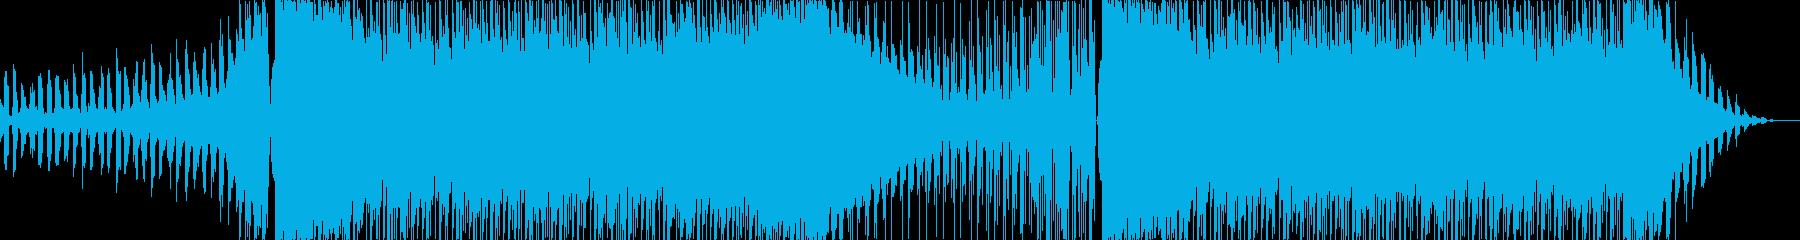 キャッチーで少しダークなEDMの再生済みの波形